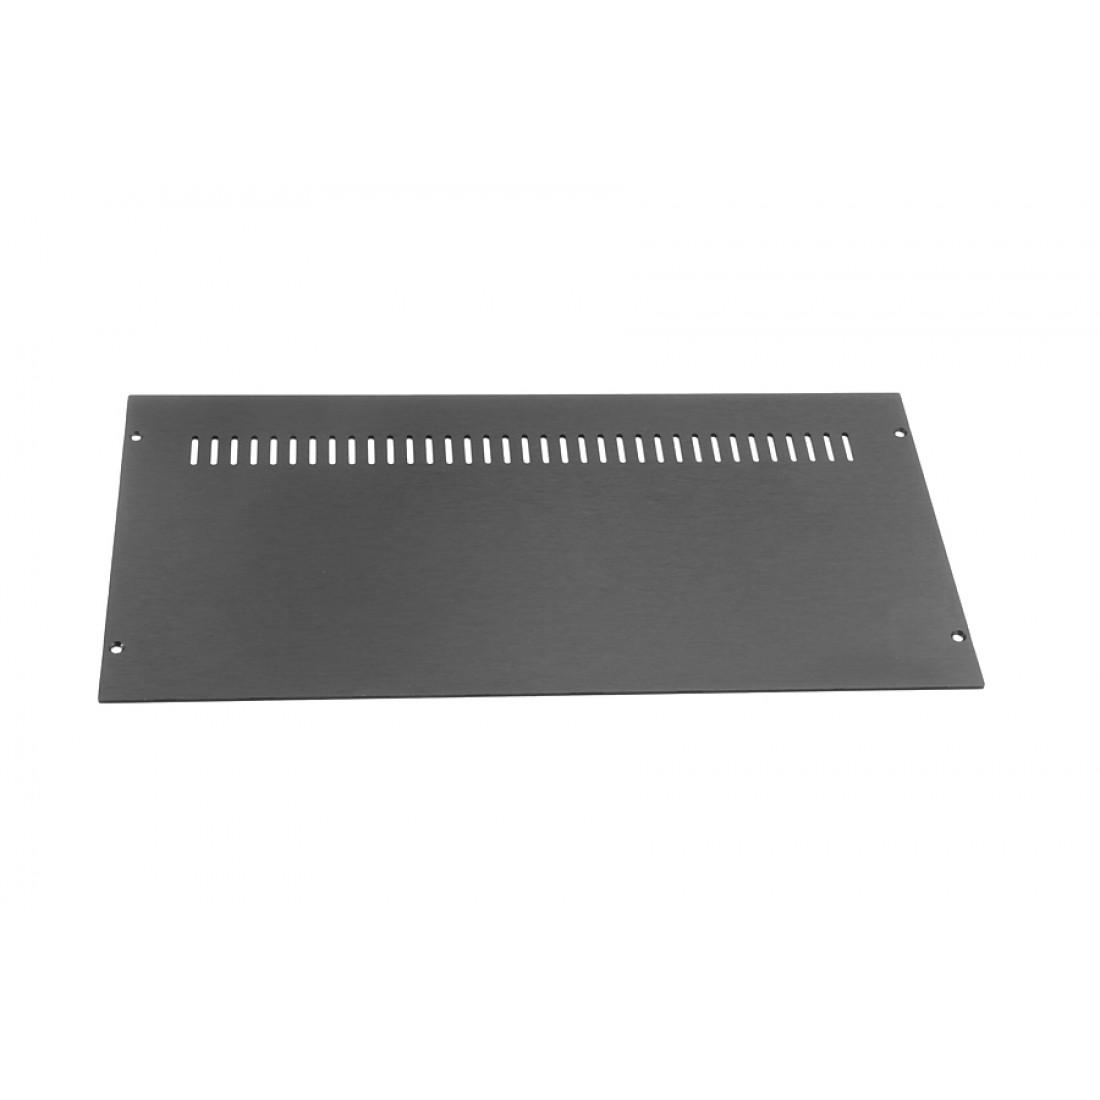 1NGXA387 - 2U Galaxy-M, 330 x 170 x 80mm, 10mm panel stříbrný